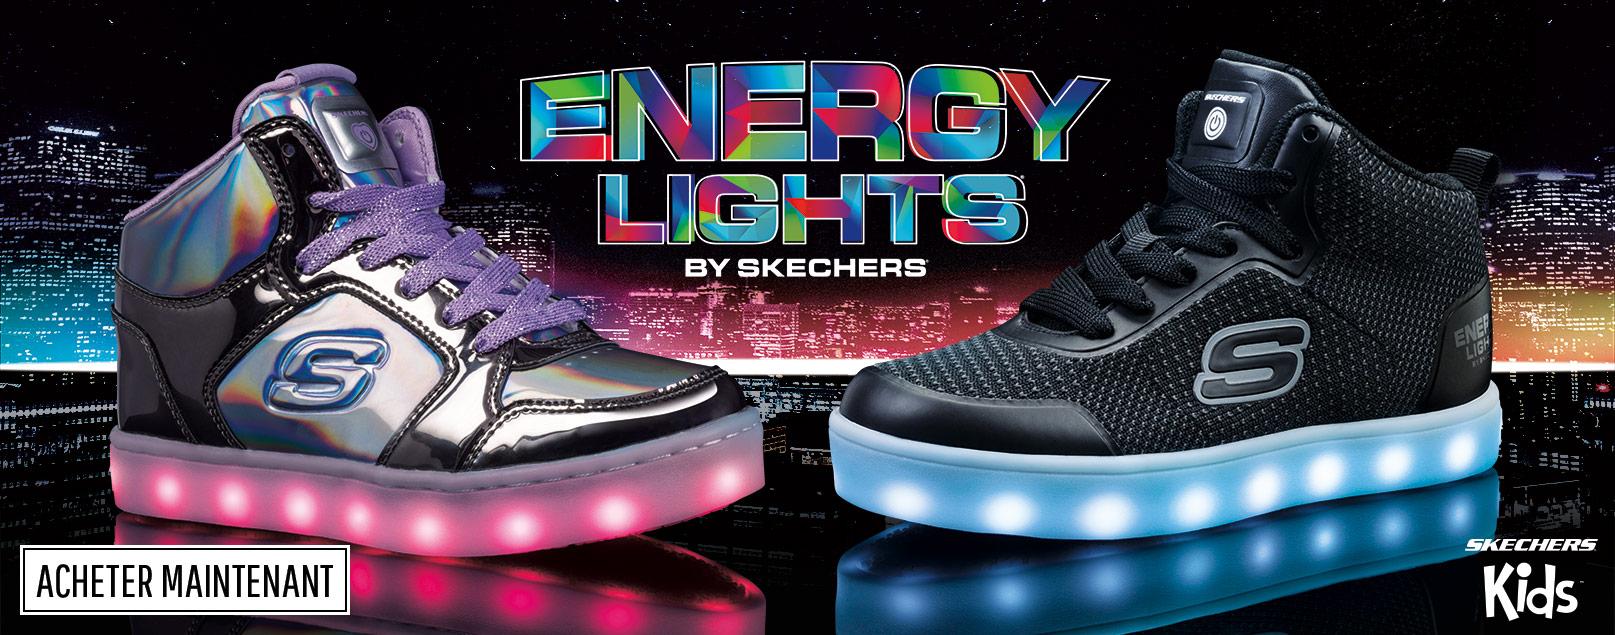 8d1d2422682 ... b font led font. Chaussures Skechers Kids pour garçons et filles  incluant des chaussures de type athlétiques